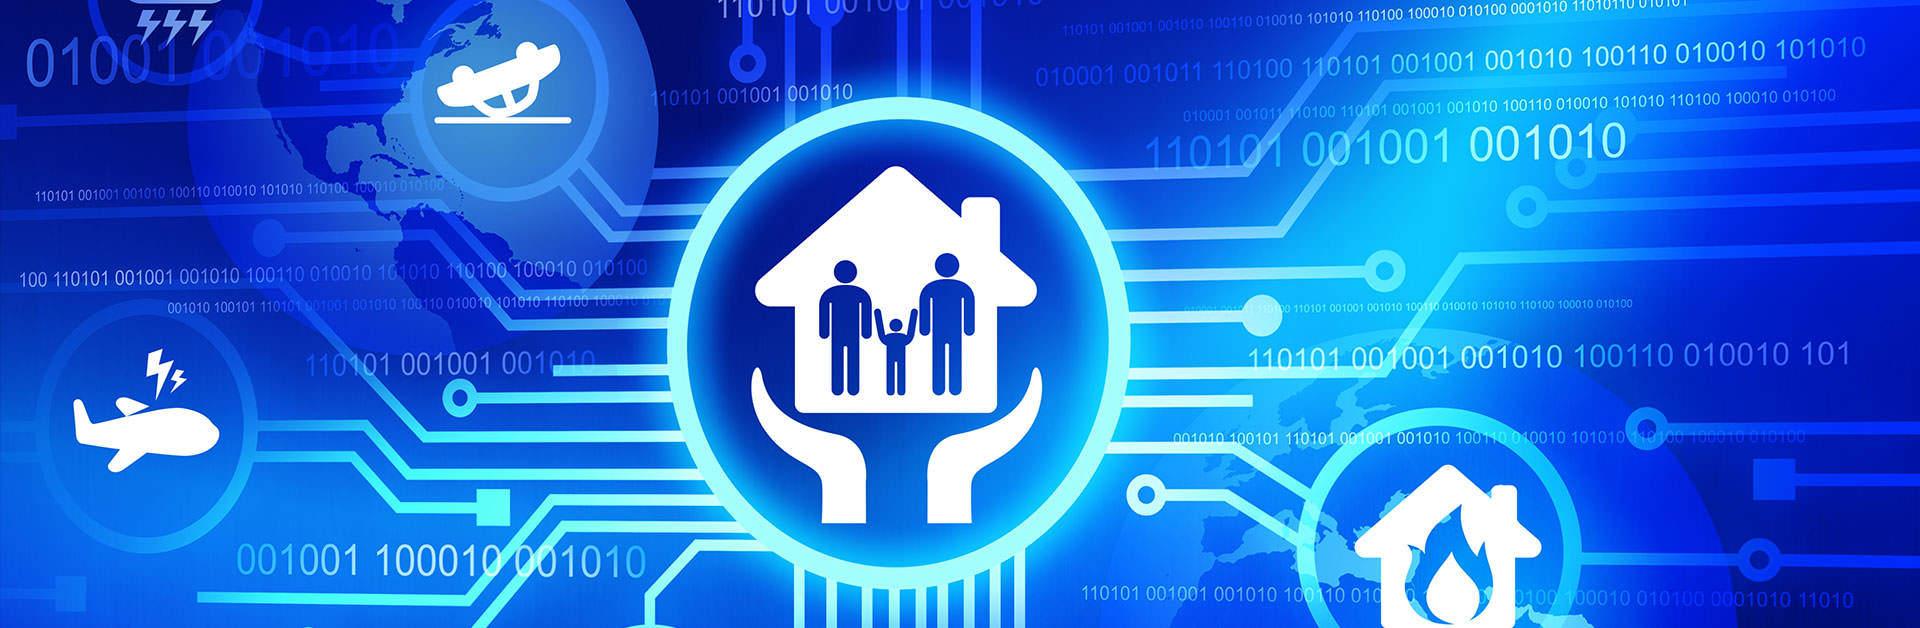 Arbeidsongeschiktheids verzekering aov h2o hypotheken for Zakelijke hypotheek